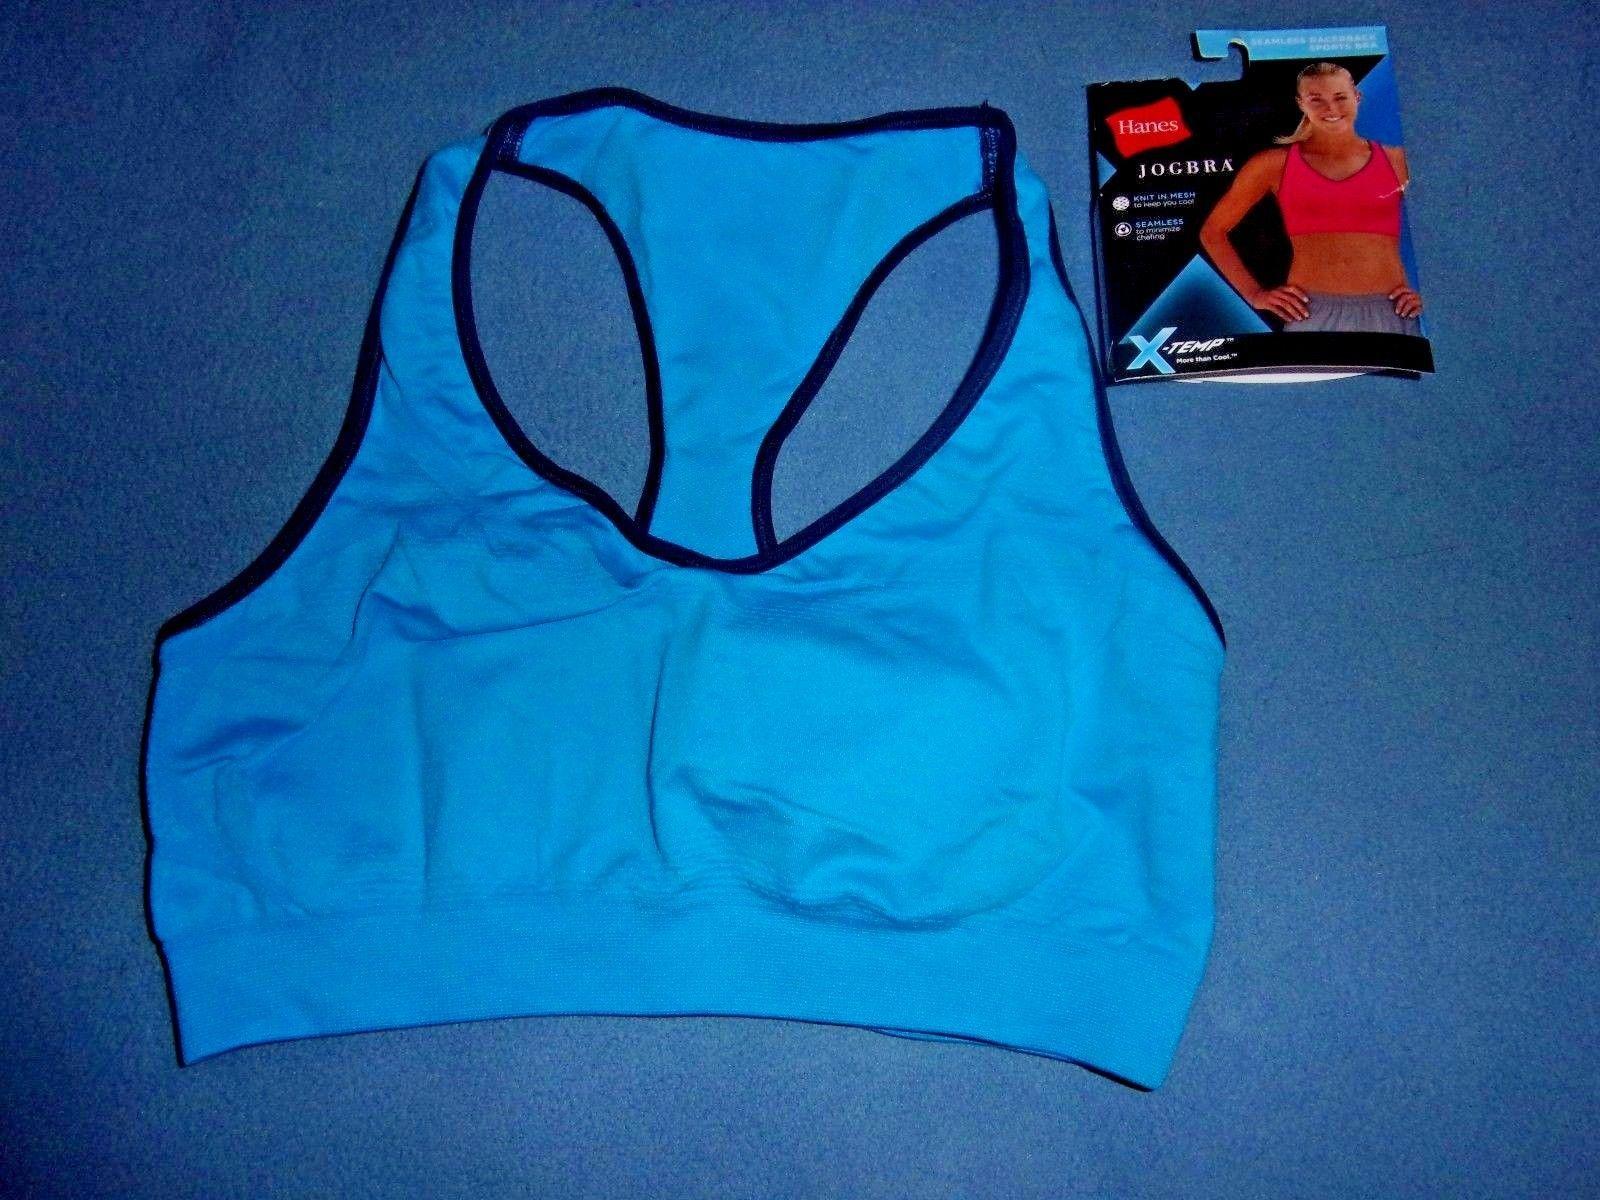 71e12208d8d59 Size L NIP Hanes Blue X-Temp Jog Bra Seamless Racerback Sports Bra B0820 -   4.46